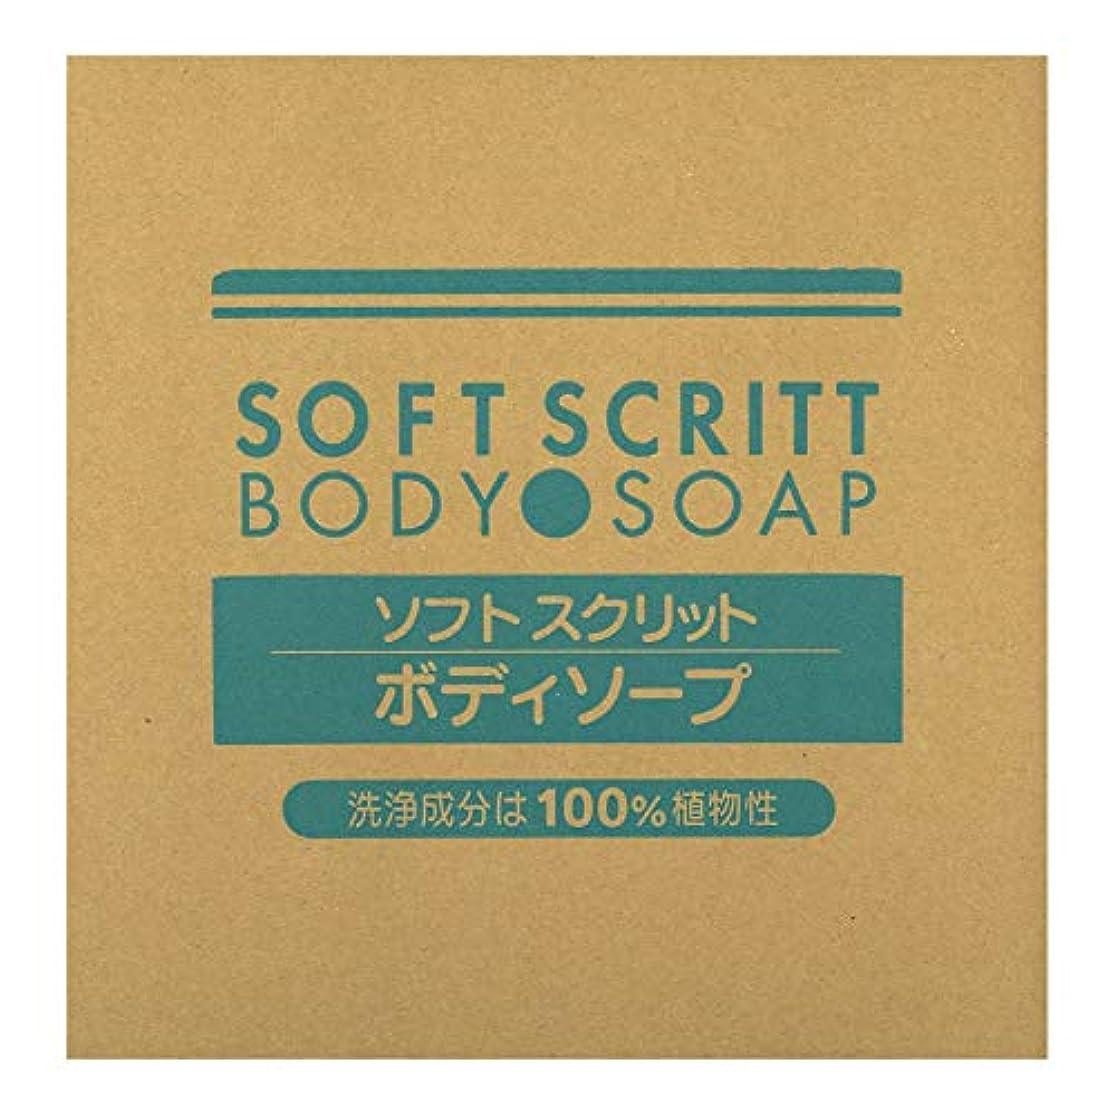 配るカメラ仲良し熊野油脂 業務用 SOFT SCRITT(ソフト スクリット) ボディソープ 18L